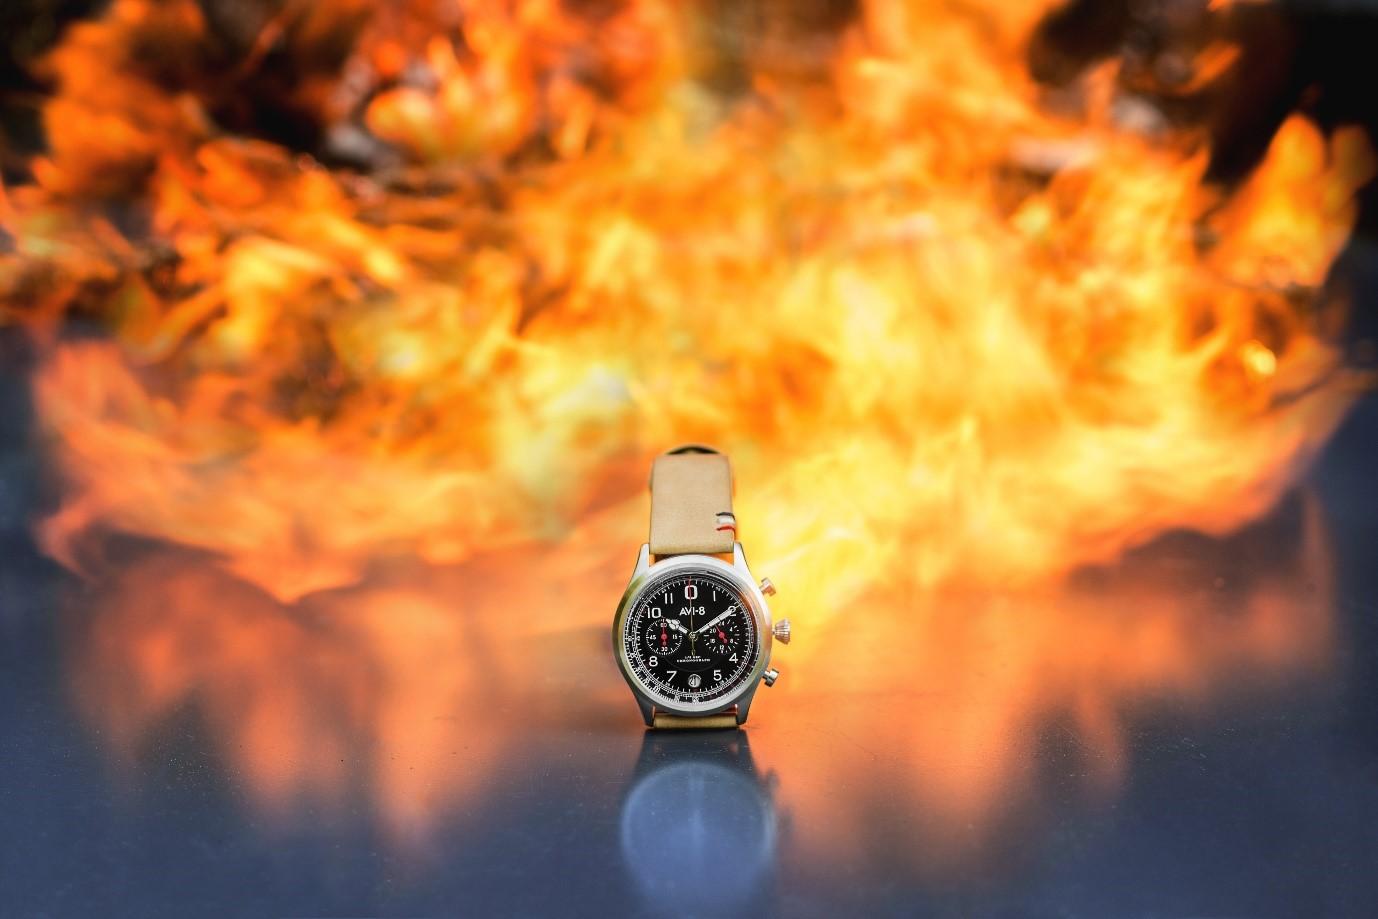 AV8 Watch